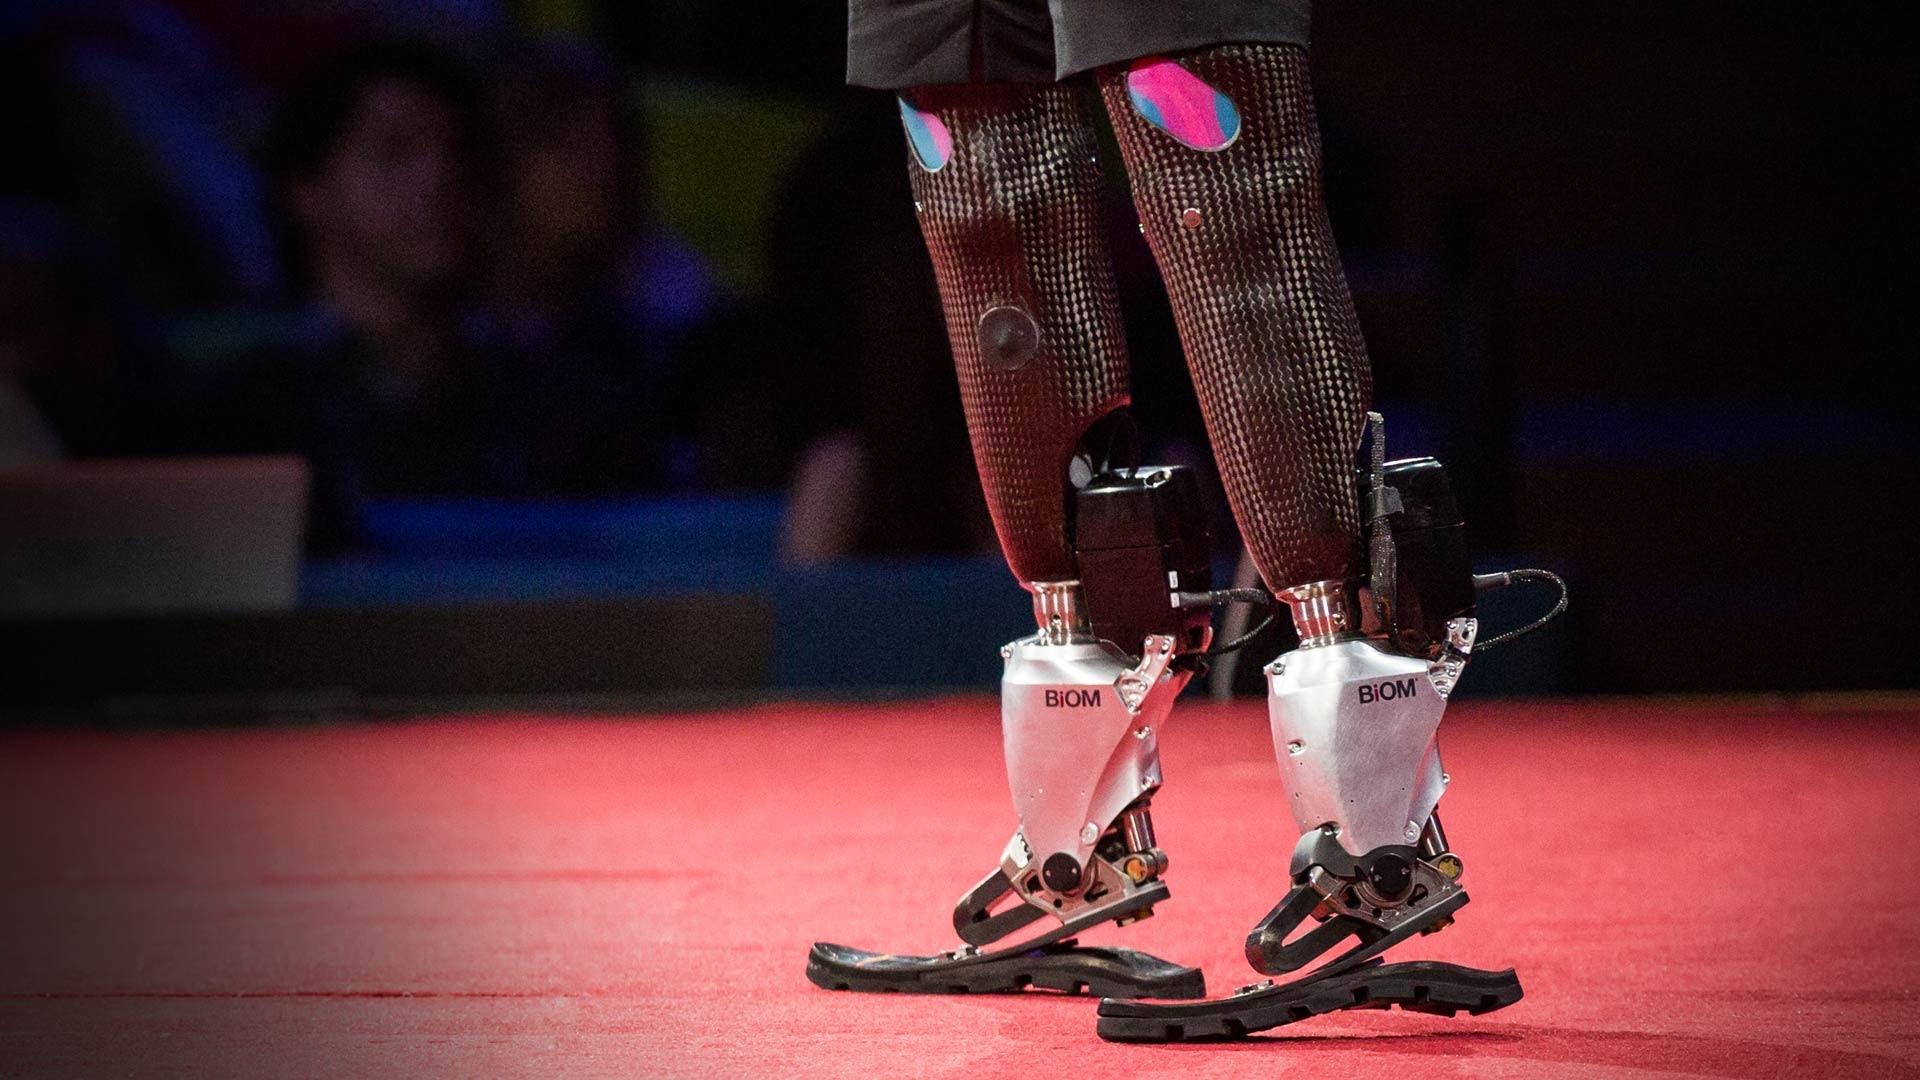 Bionics that let us run, climb and dance